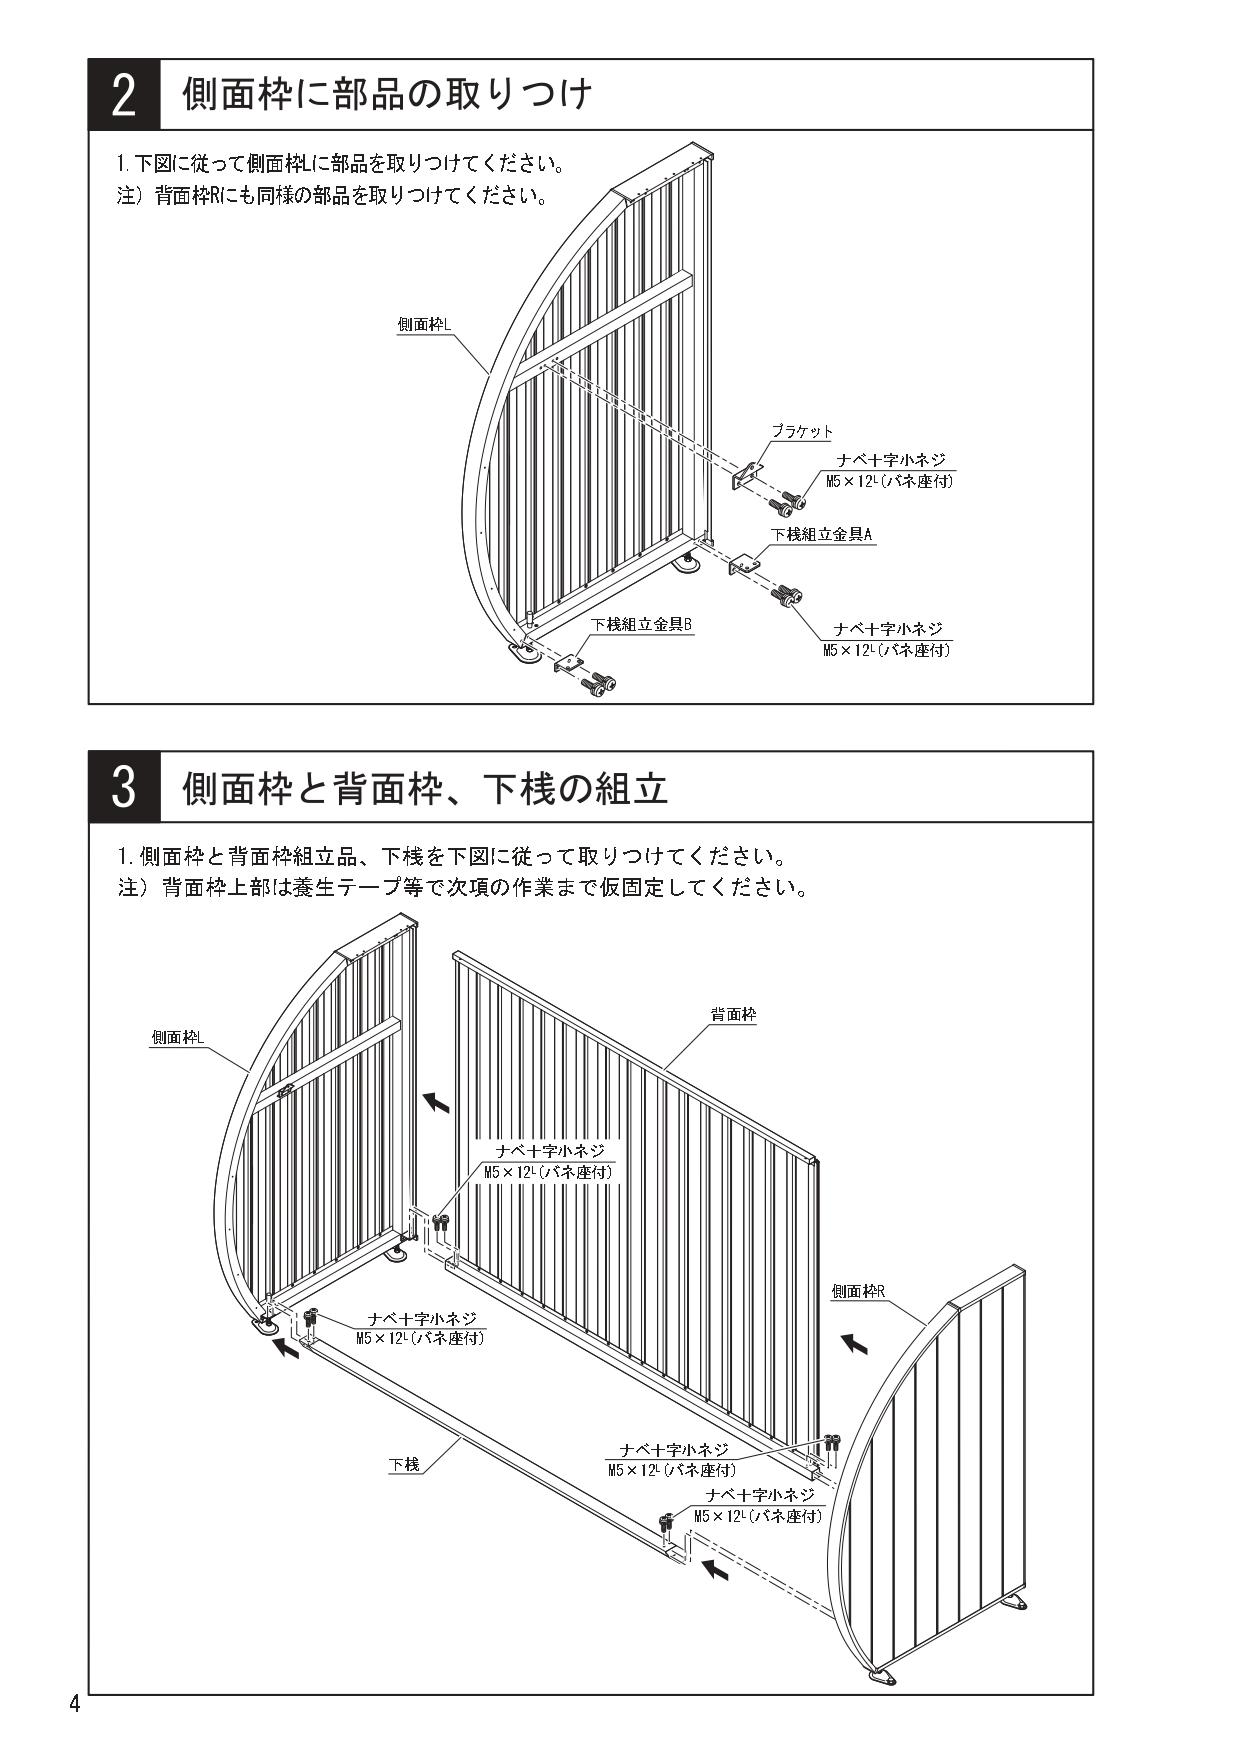 ゴミストッカーWP2型 施工説明書_page-0004